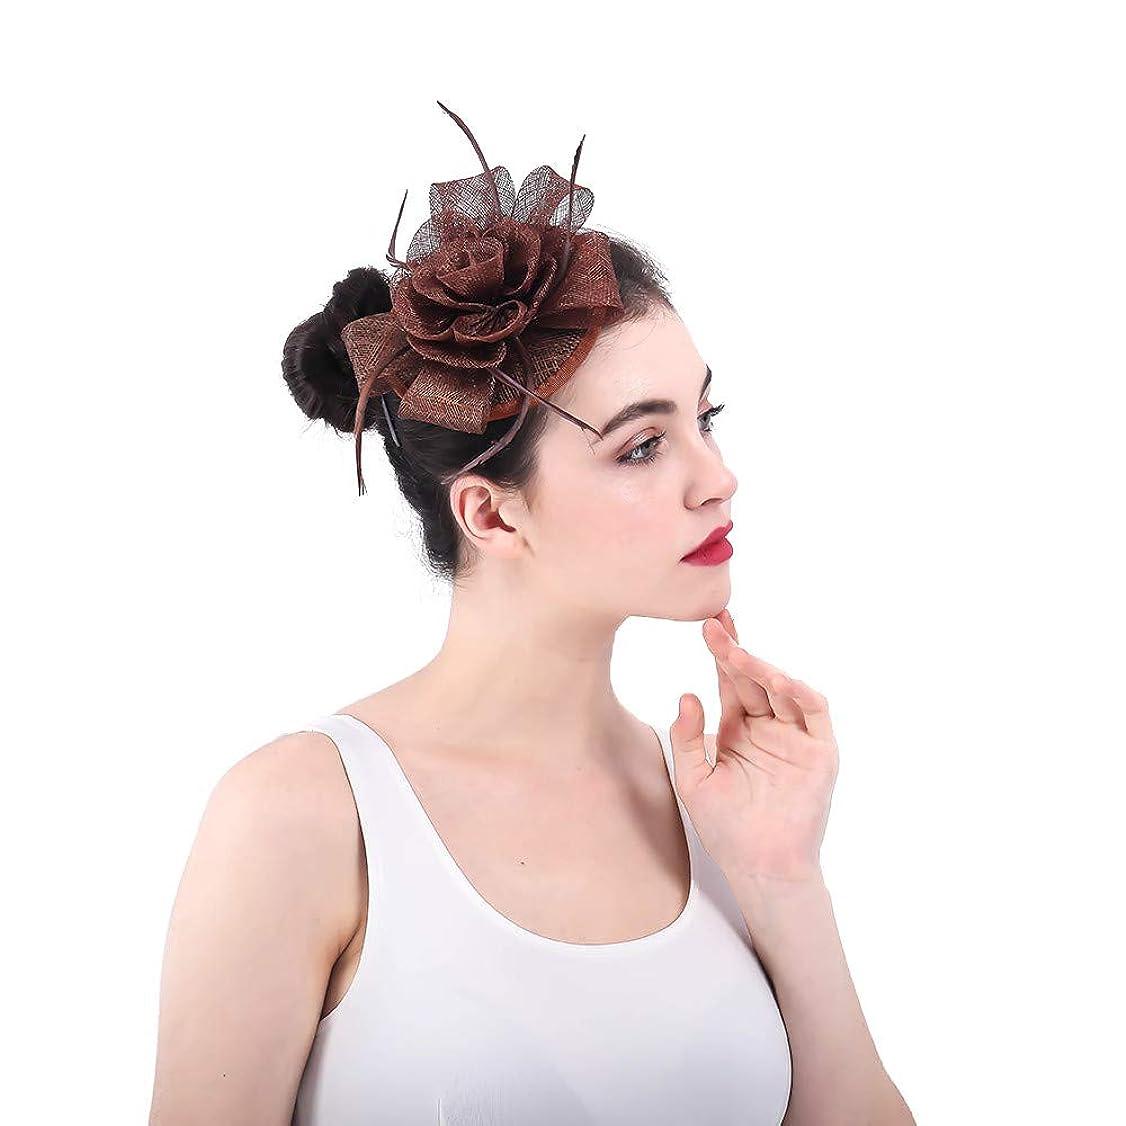 並外れたどちらか強大な女性の魅力的な帽子 女性のエレガントな花の羽の魅惑的な帽子の結婚式の帽子ヘアクリップアクセサリー女性の日レースロイヤルアスコット